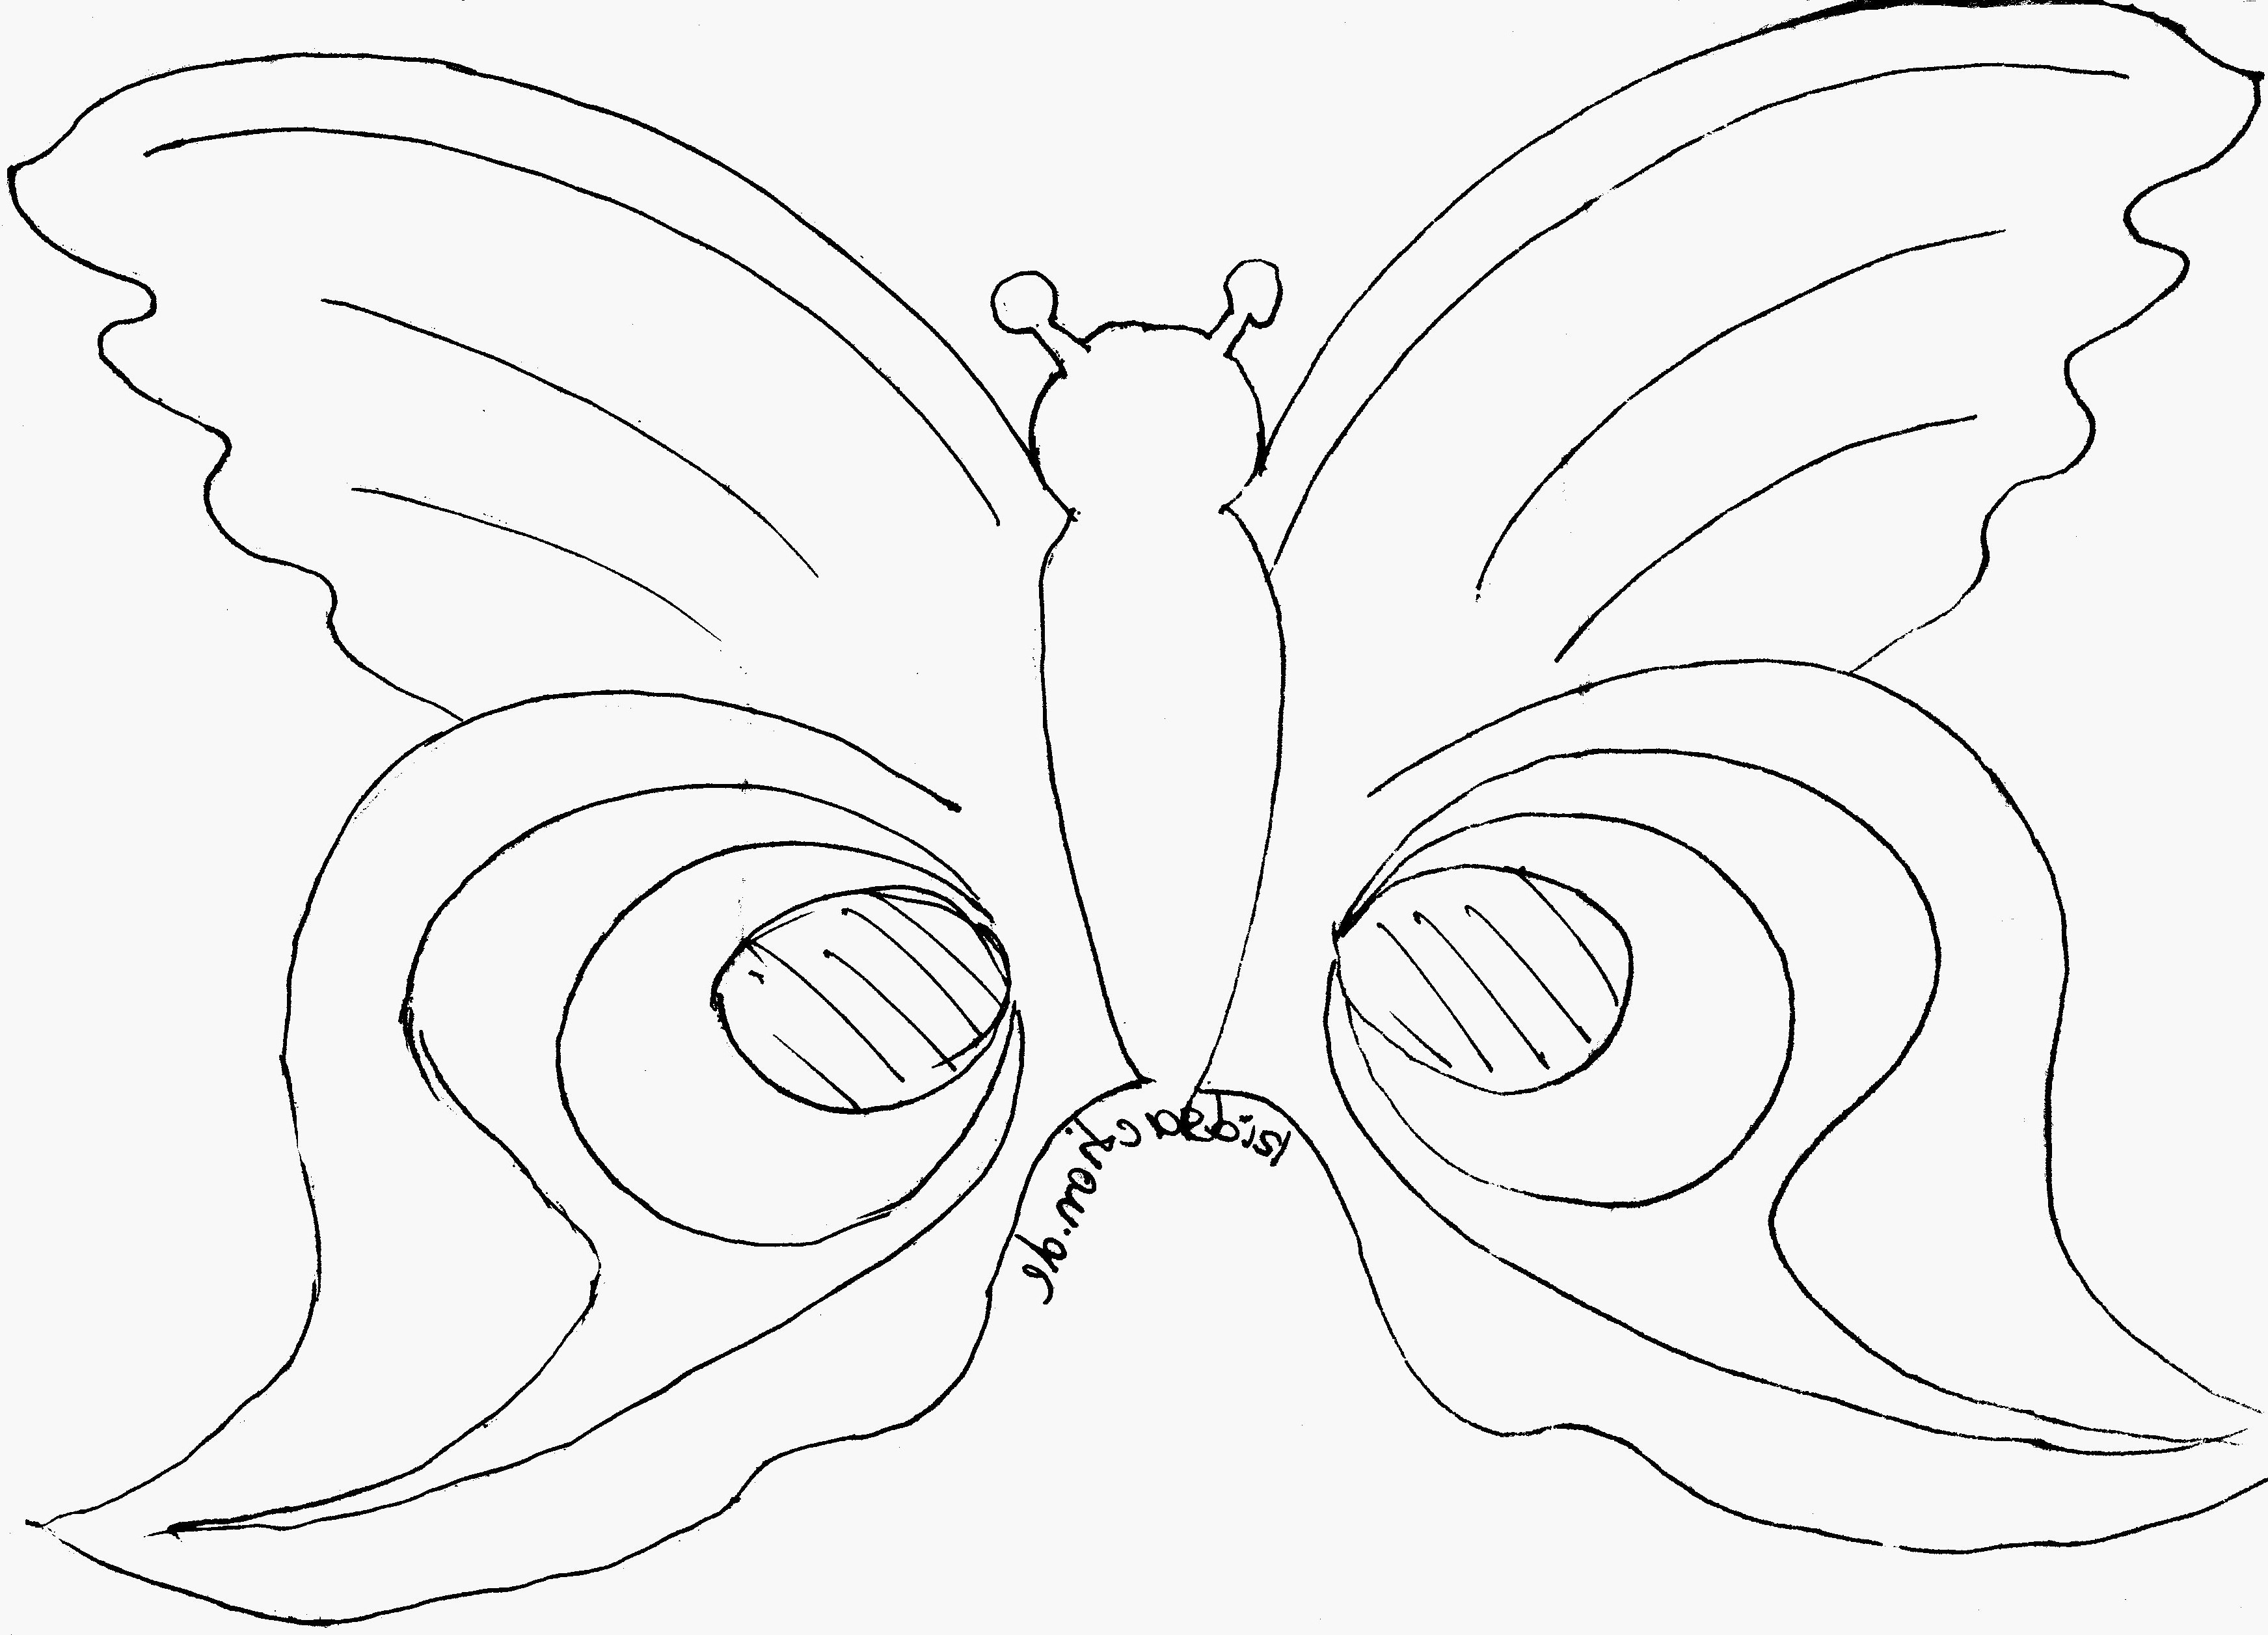 Schmetterling Mit Blume Zum Ausmalen Inspirierend 22 Einzigartig Schmetterling Zum Ausmalen – Malvorlagen Ideen Das Bild